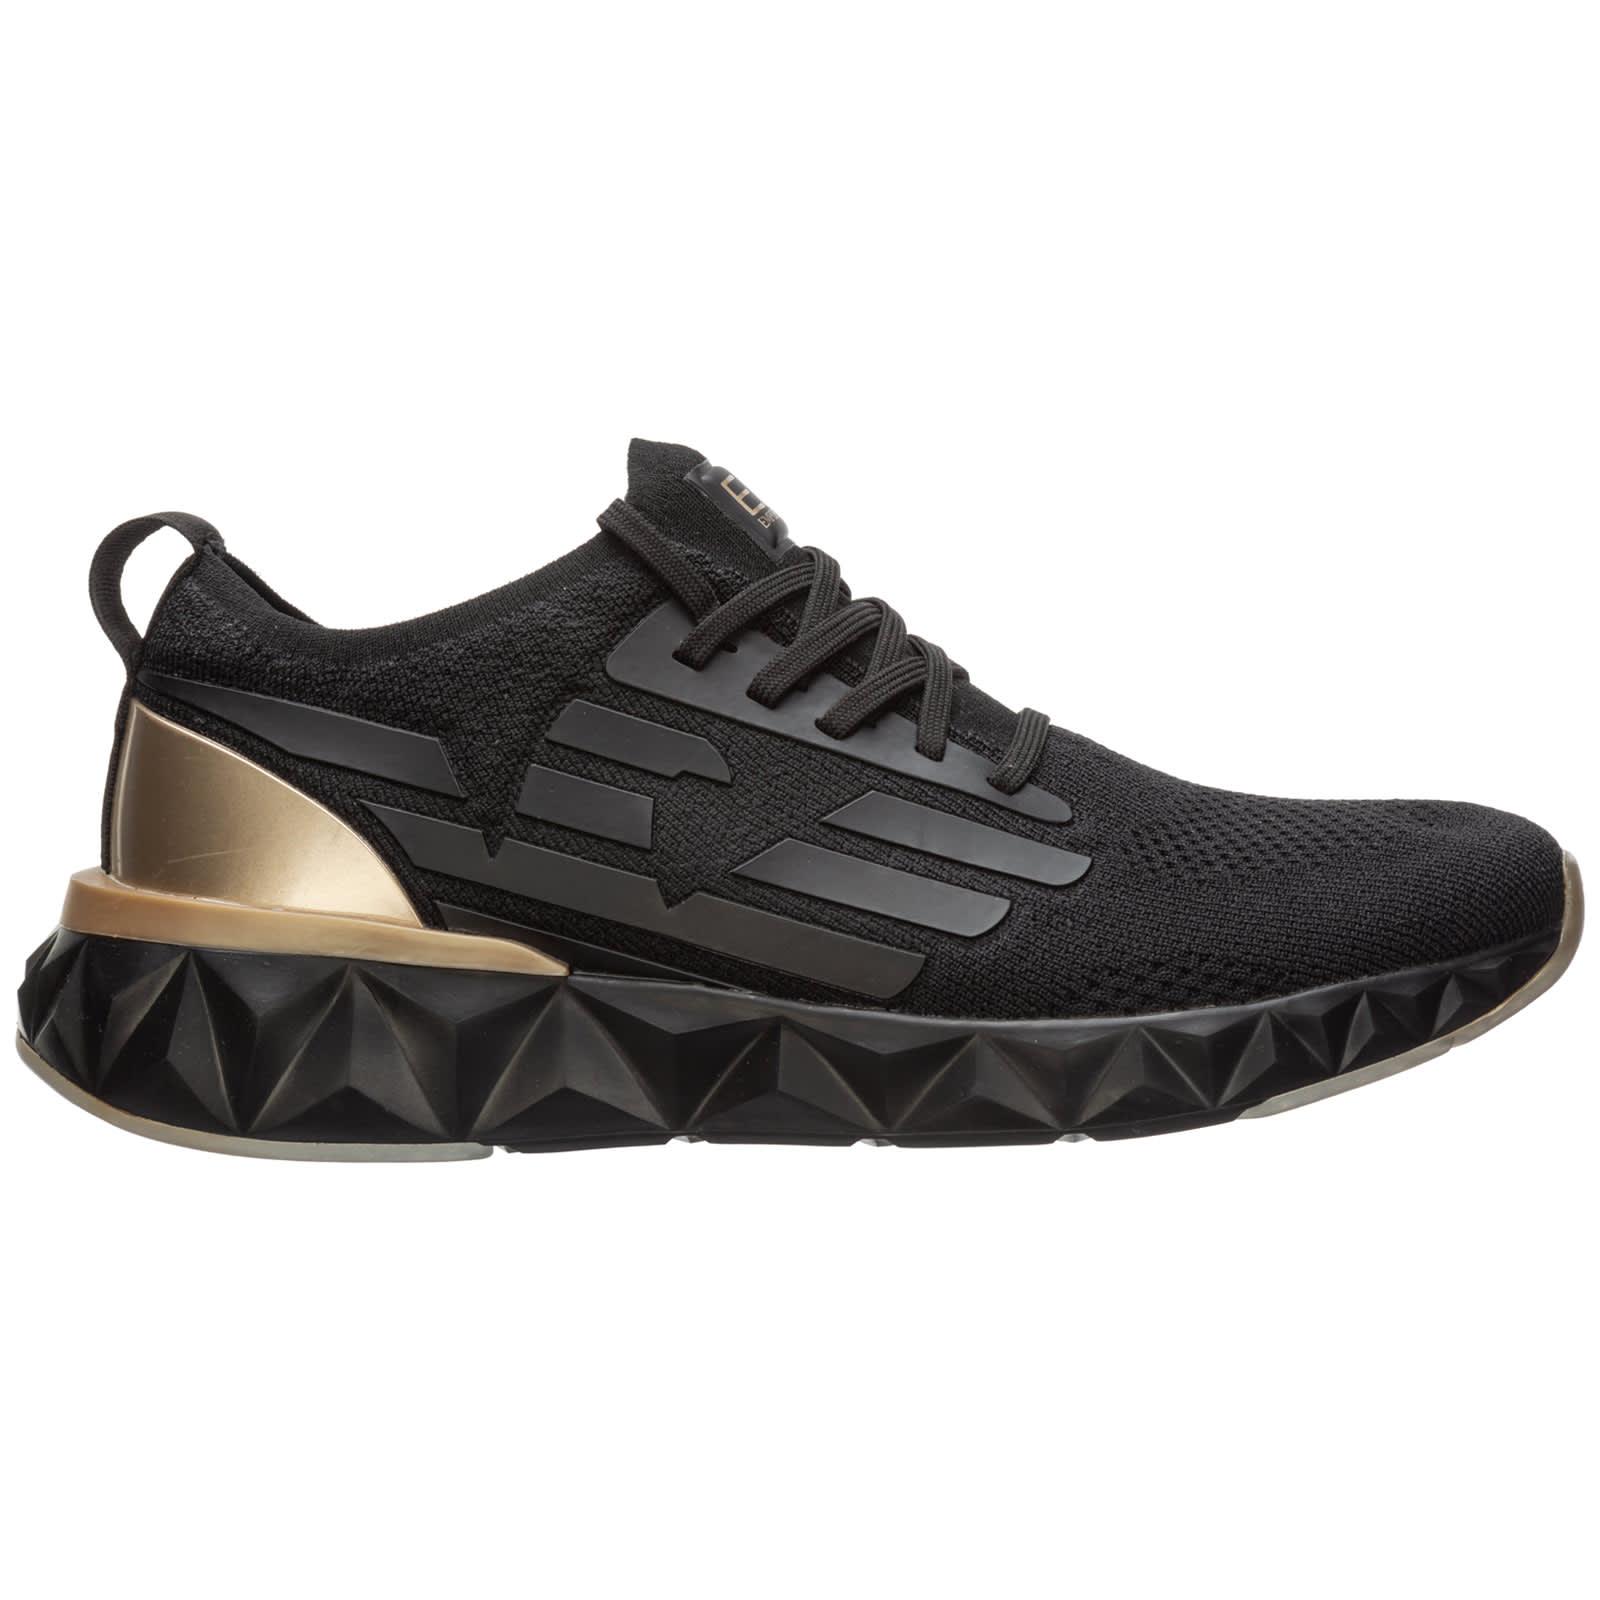 Ea7 Emporio Armani Teddy Sneakers In